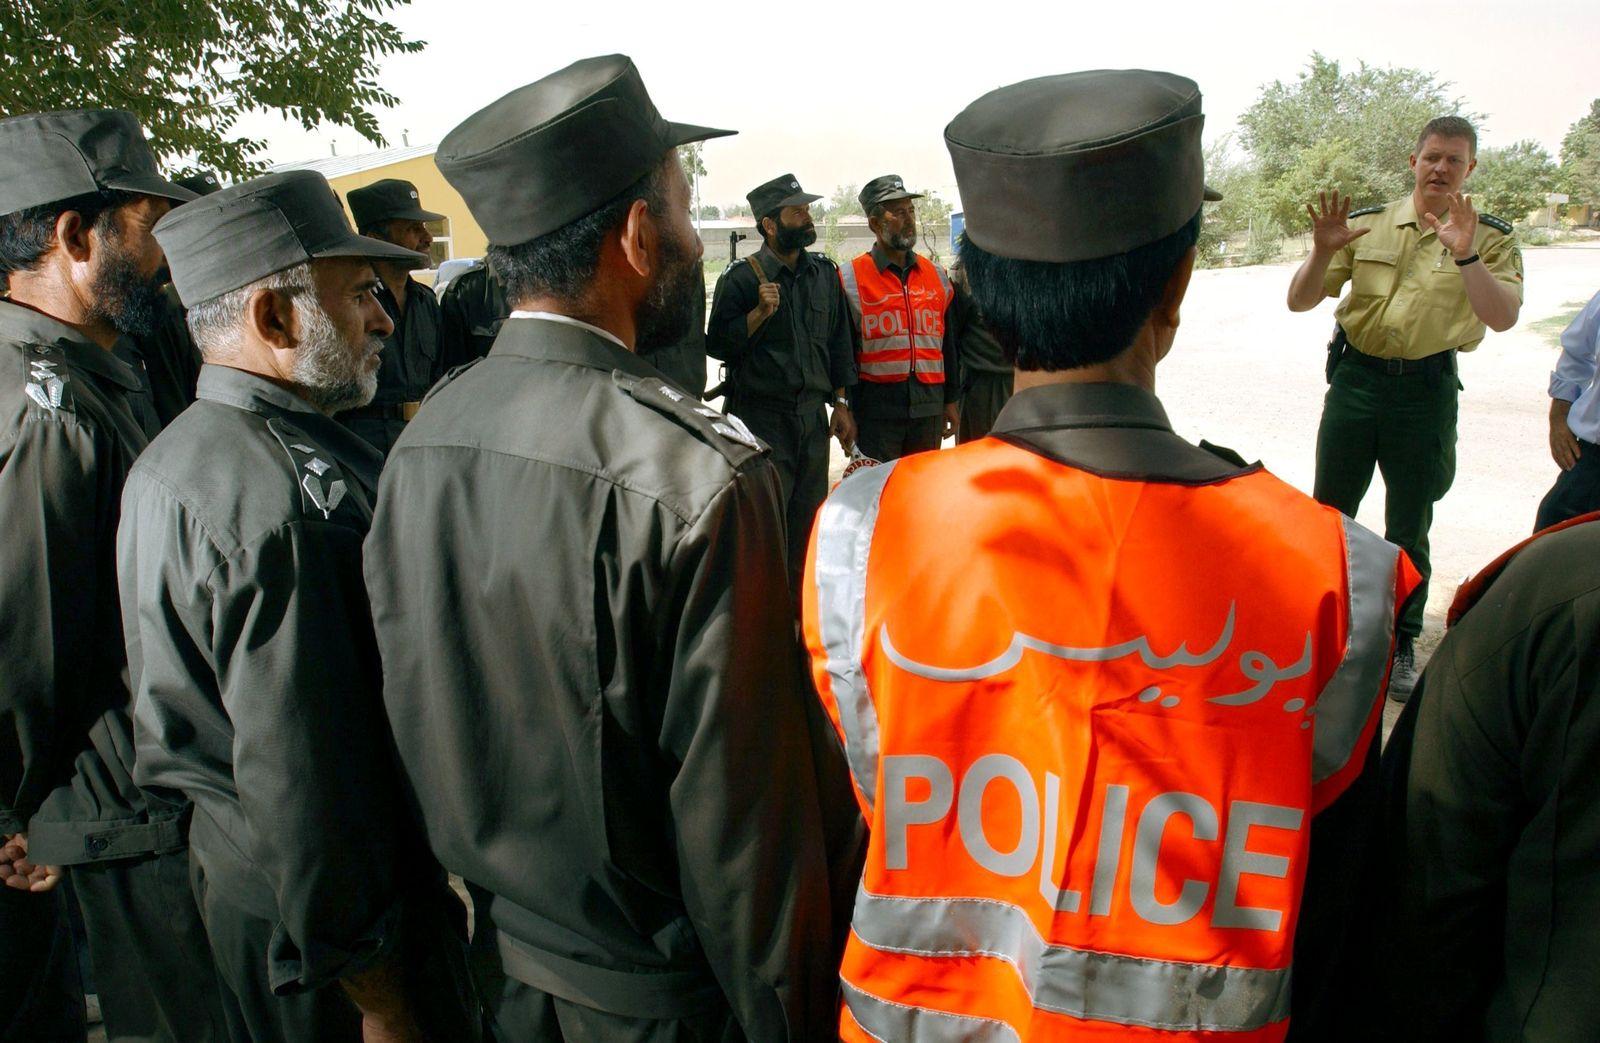 Polizei-Ausbildung in Afghanistan